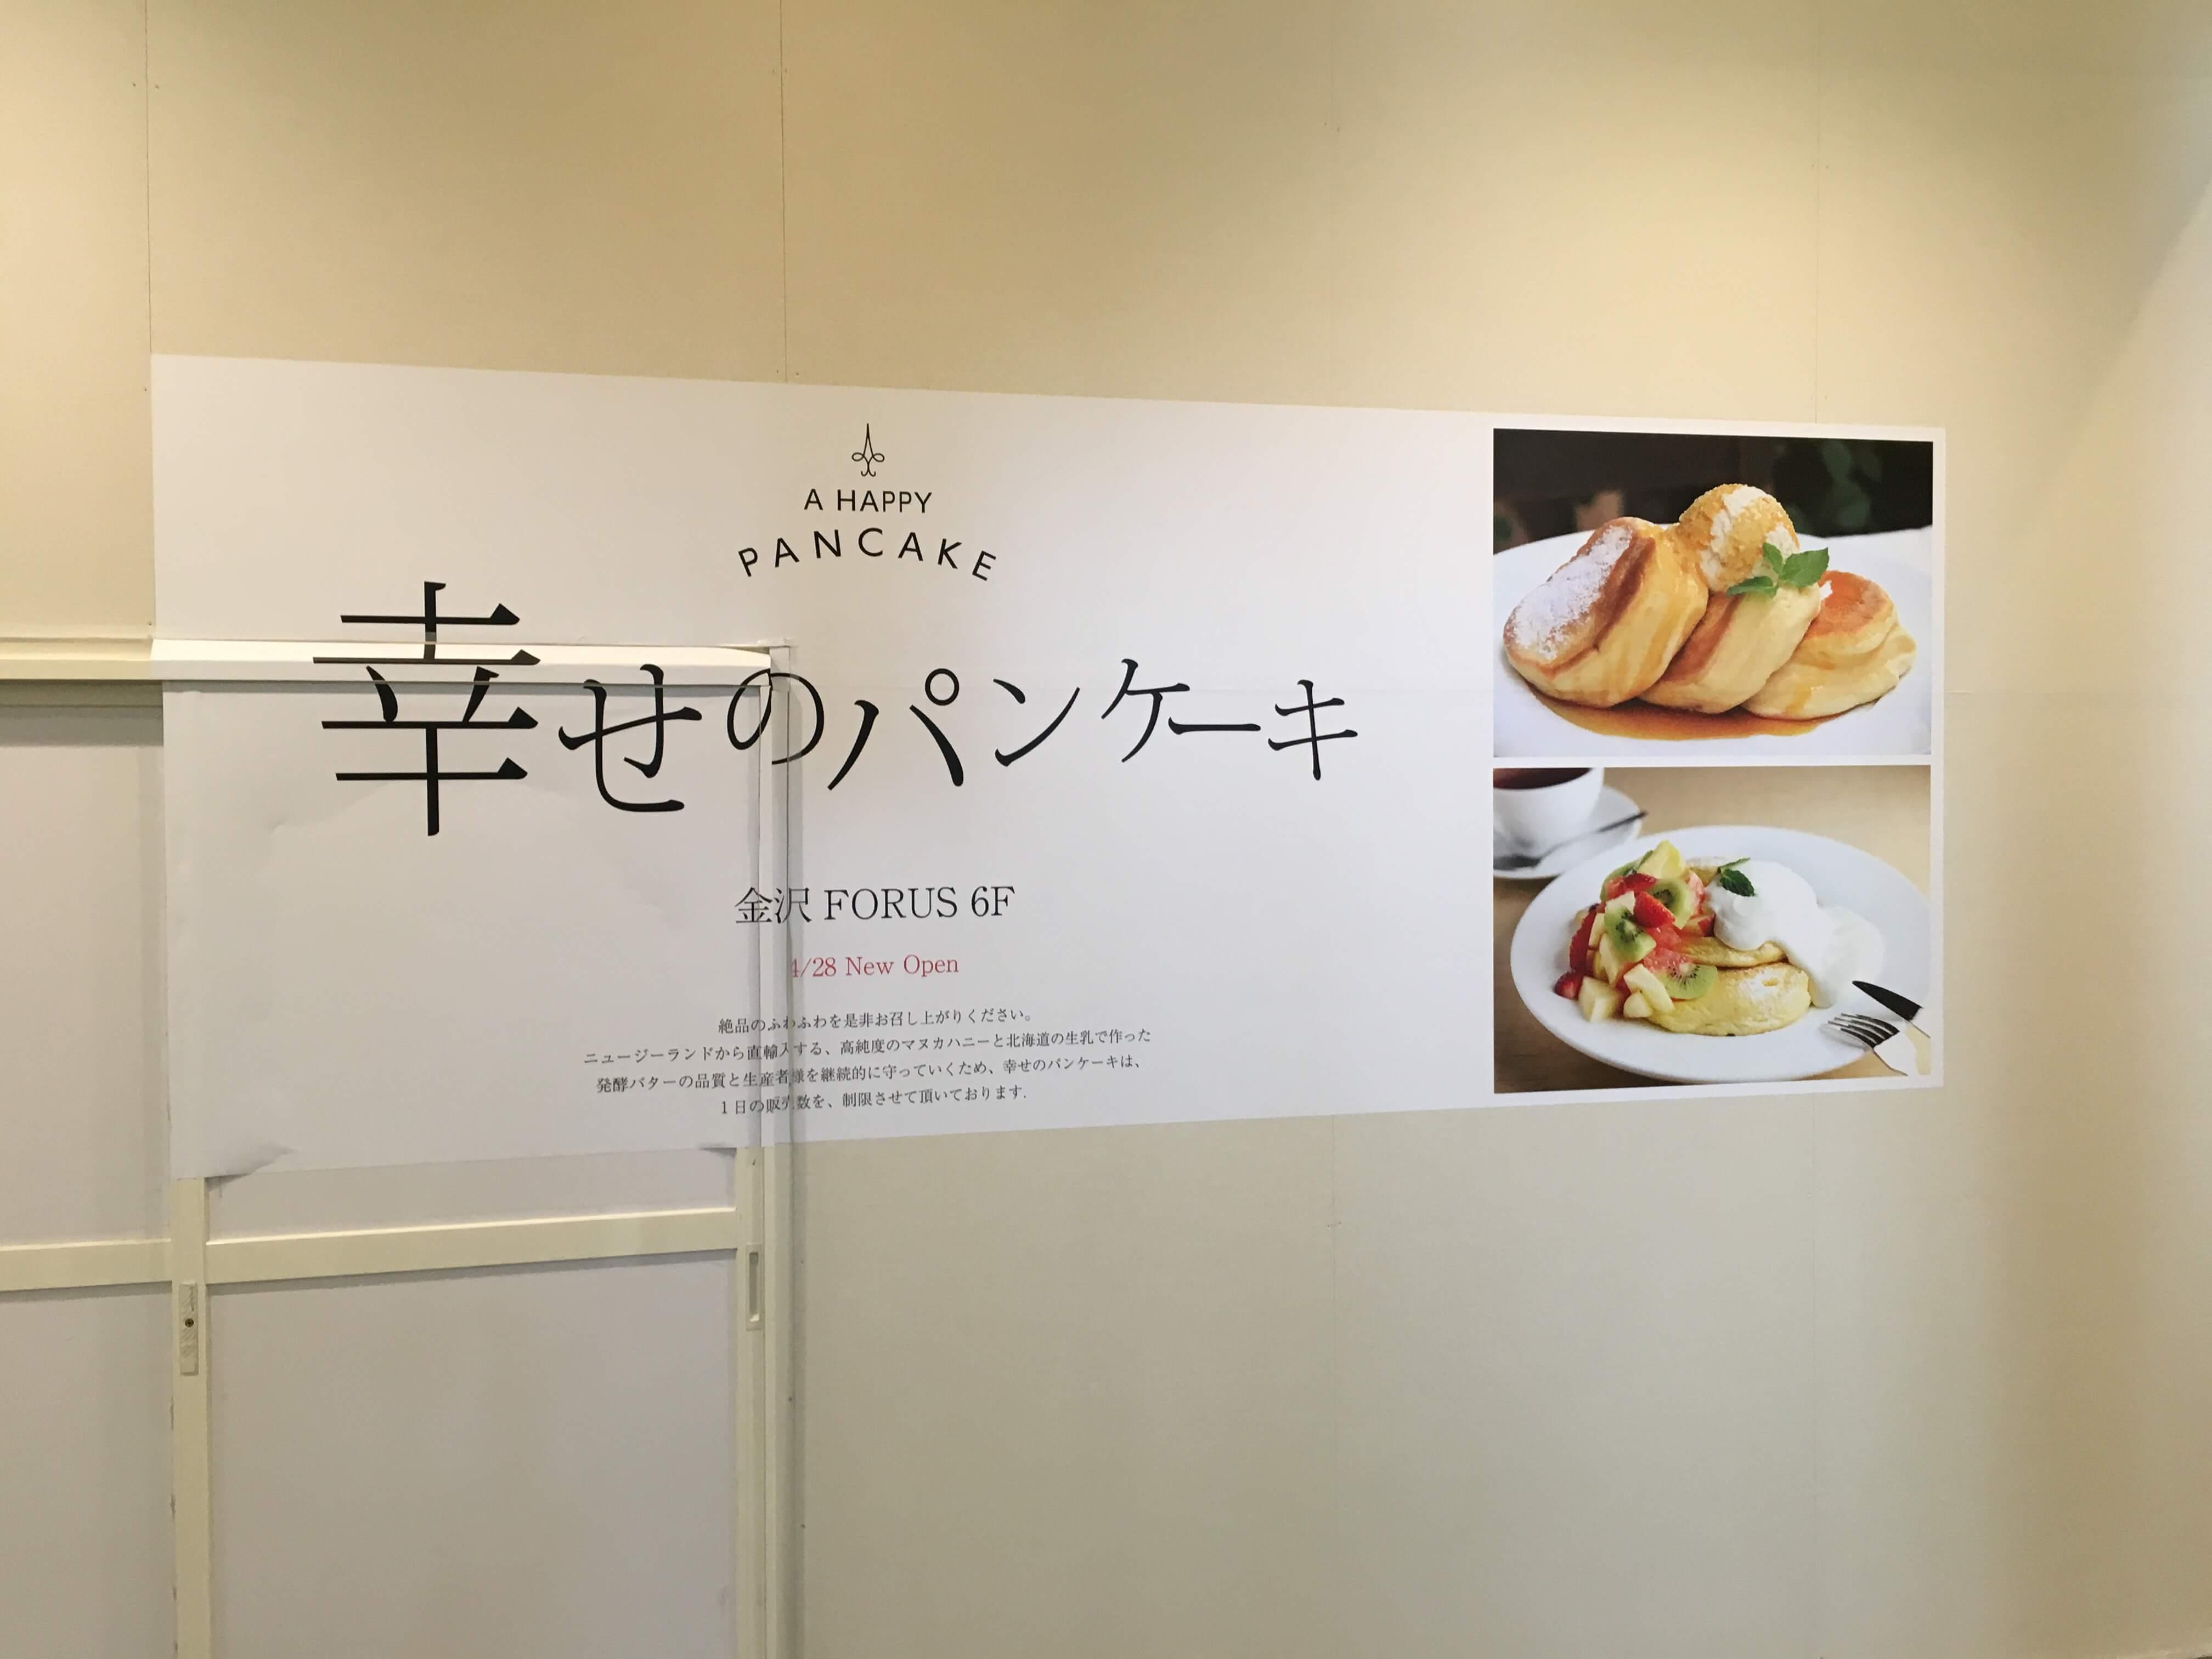 金沢初のミクソロジーバー『 THE STAION BAR 』に北陸初登場の『 幸せのパンケーキ 』も!! 金沢駅周辺の新店情報